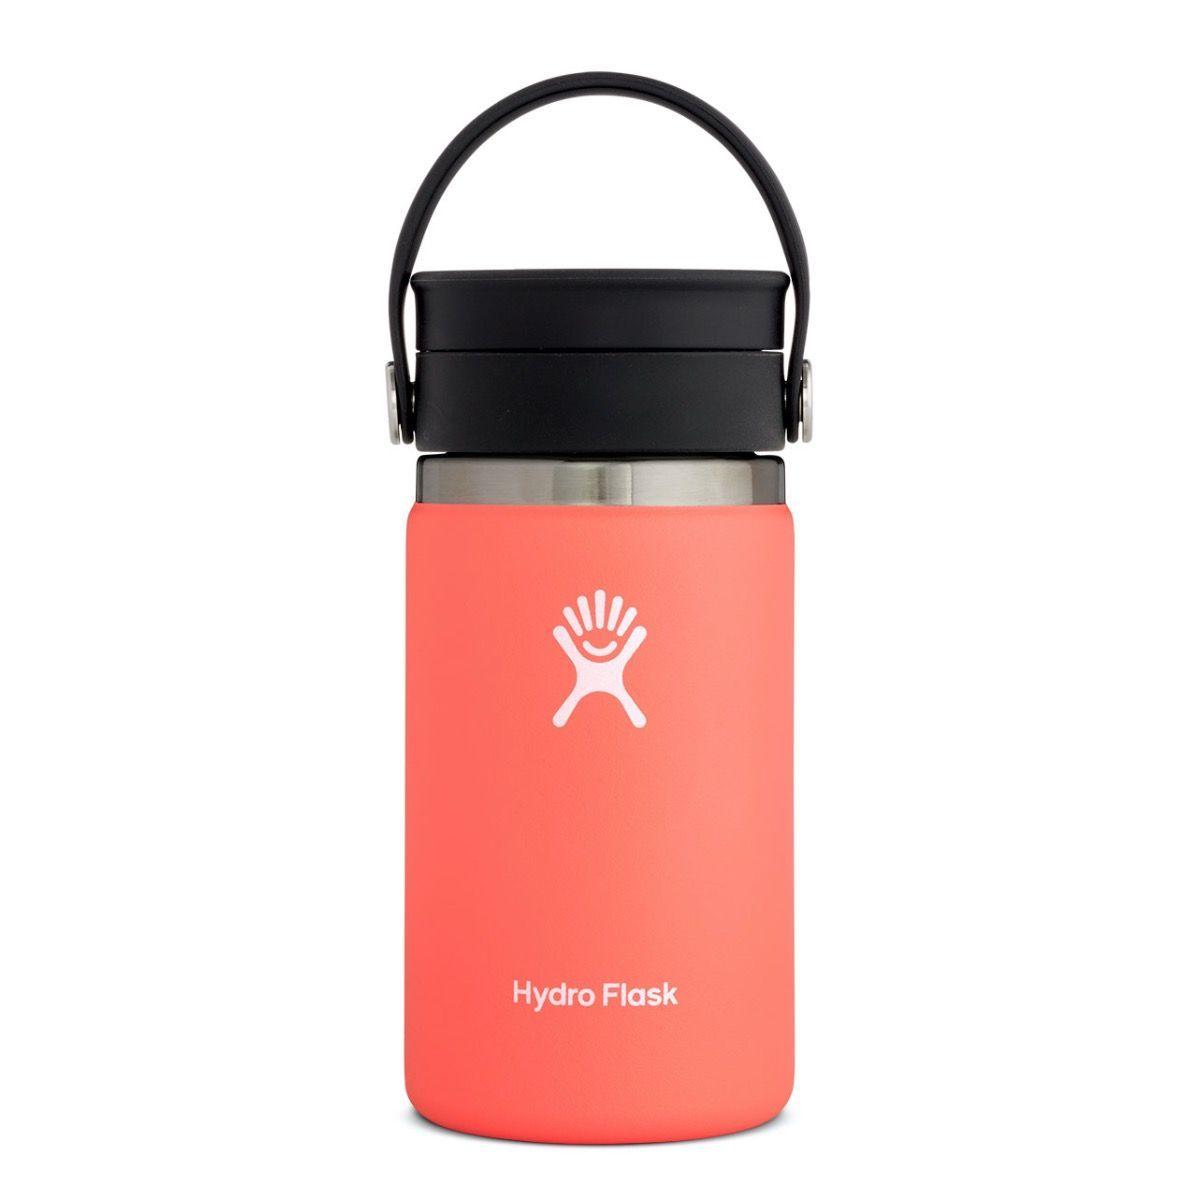 Produktbild von Hydro Flask 12 oz Wide Mouth Coffee Kaffeebecher mit Flex Sip Deckel - 354 ml - Hibiscus